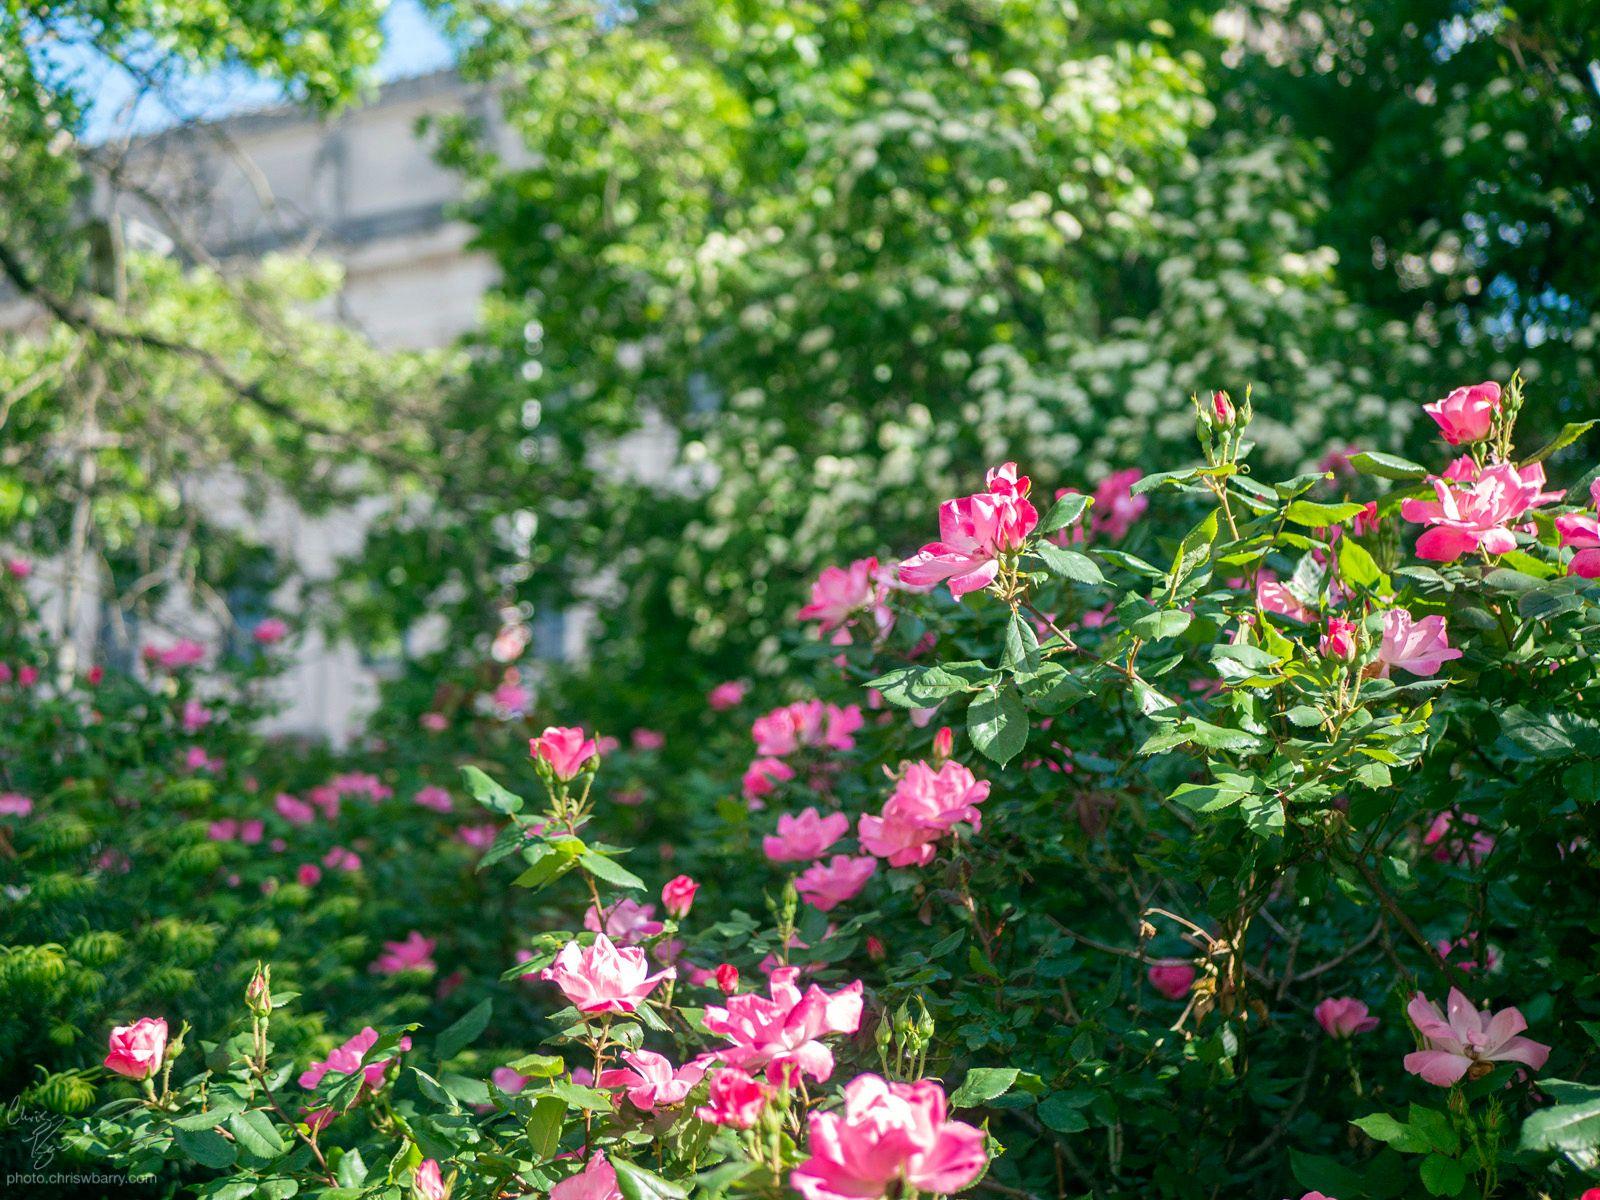 5-3-20: Botanic Garden Roses